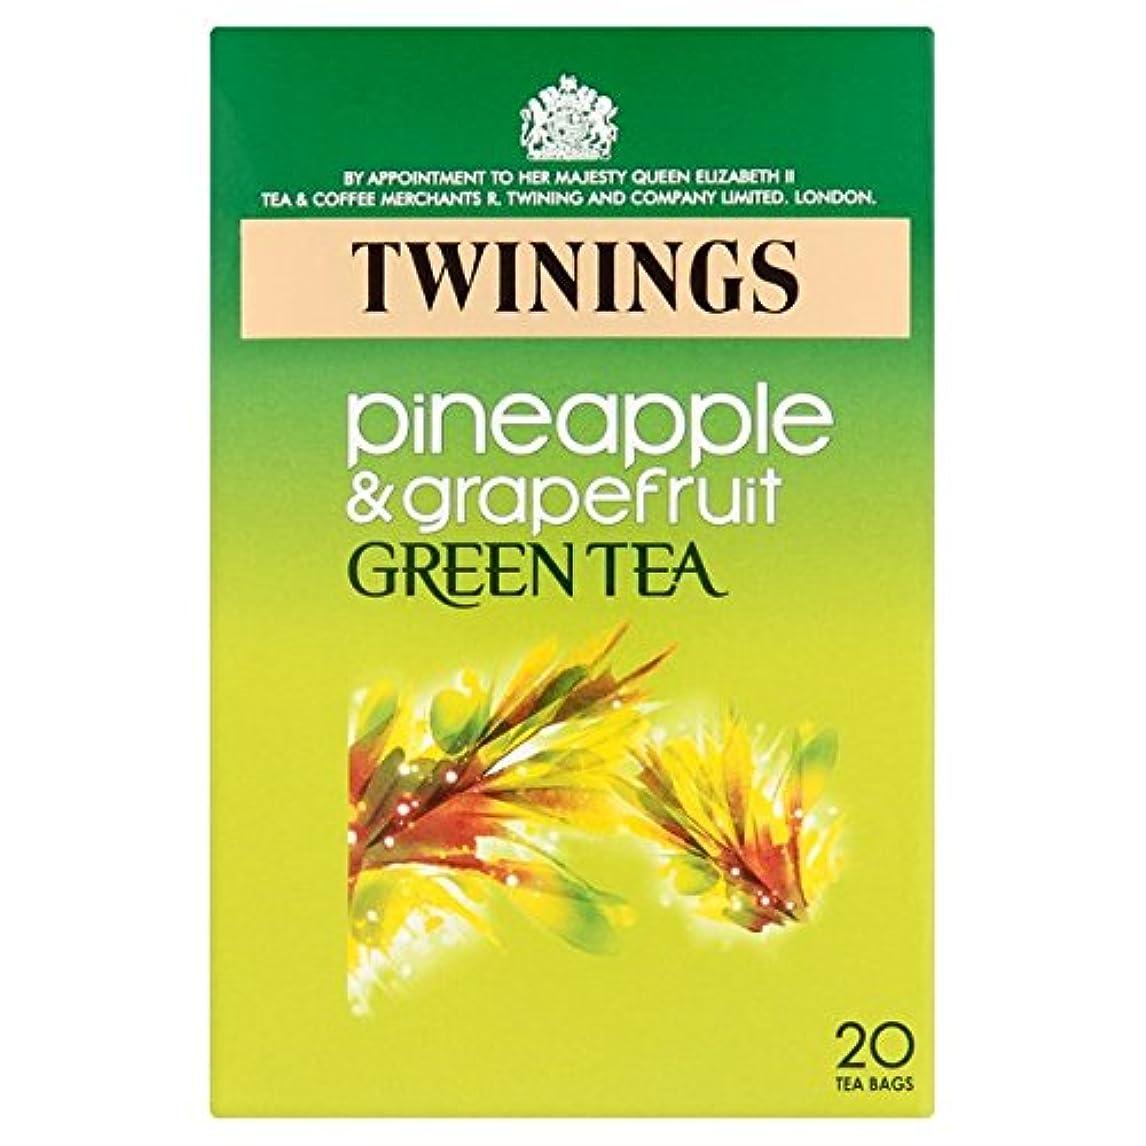 歩行者ベストマニアック1パックトワイニングパイナップル&グレープフルーツ緑茶20 (x 6) - Twinings Pineapple & Grapefruit Green Tea 20 per pack (Pack of 6) [並行輸入品]